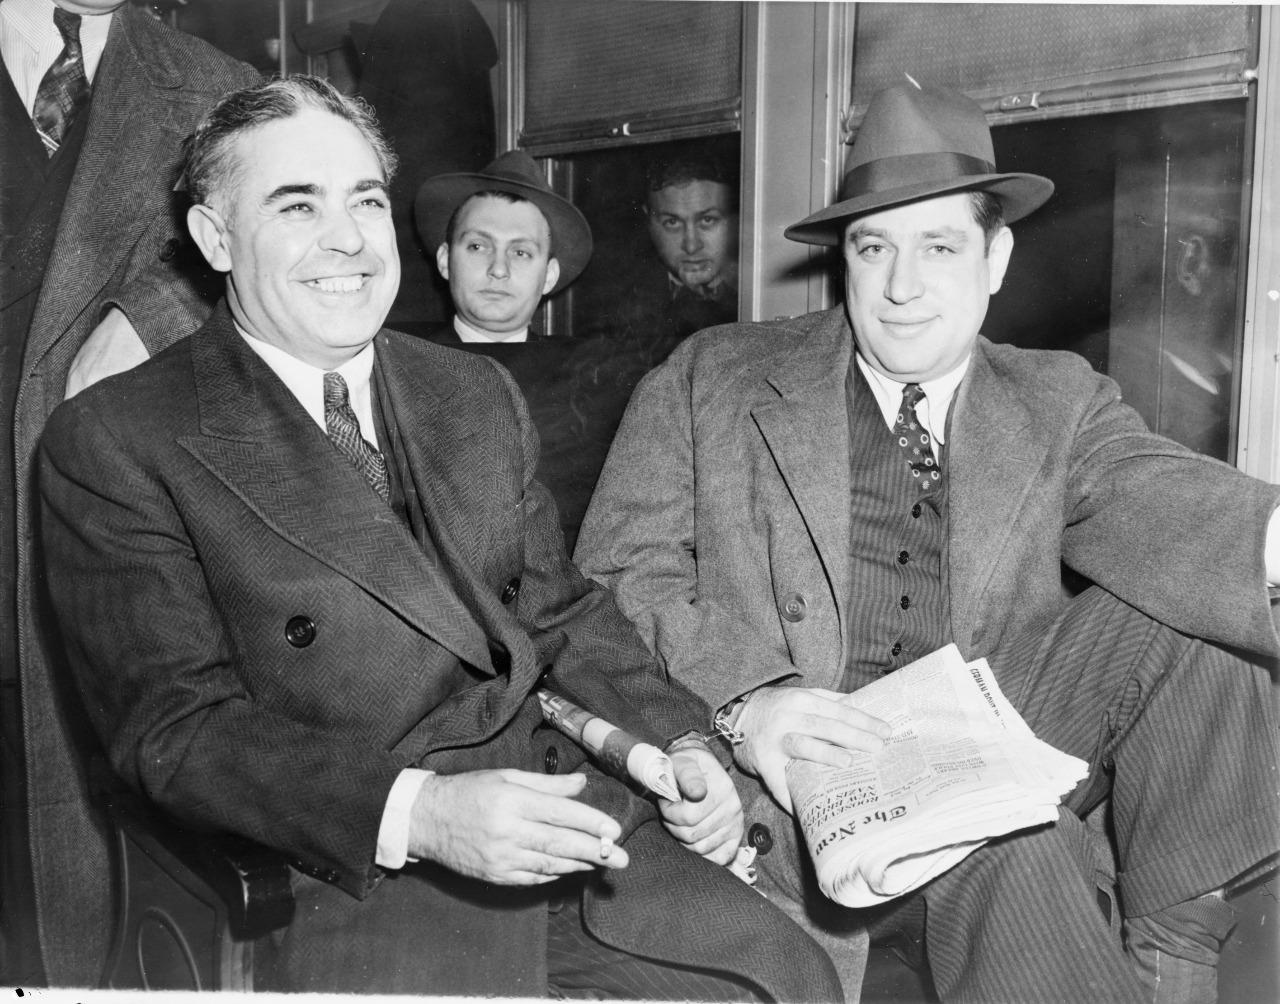 Sejarah Pemimpin Murder, Inc, Mafia Kelas Kakap